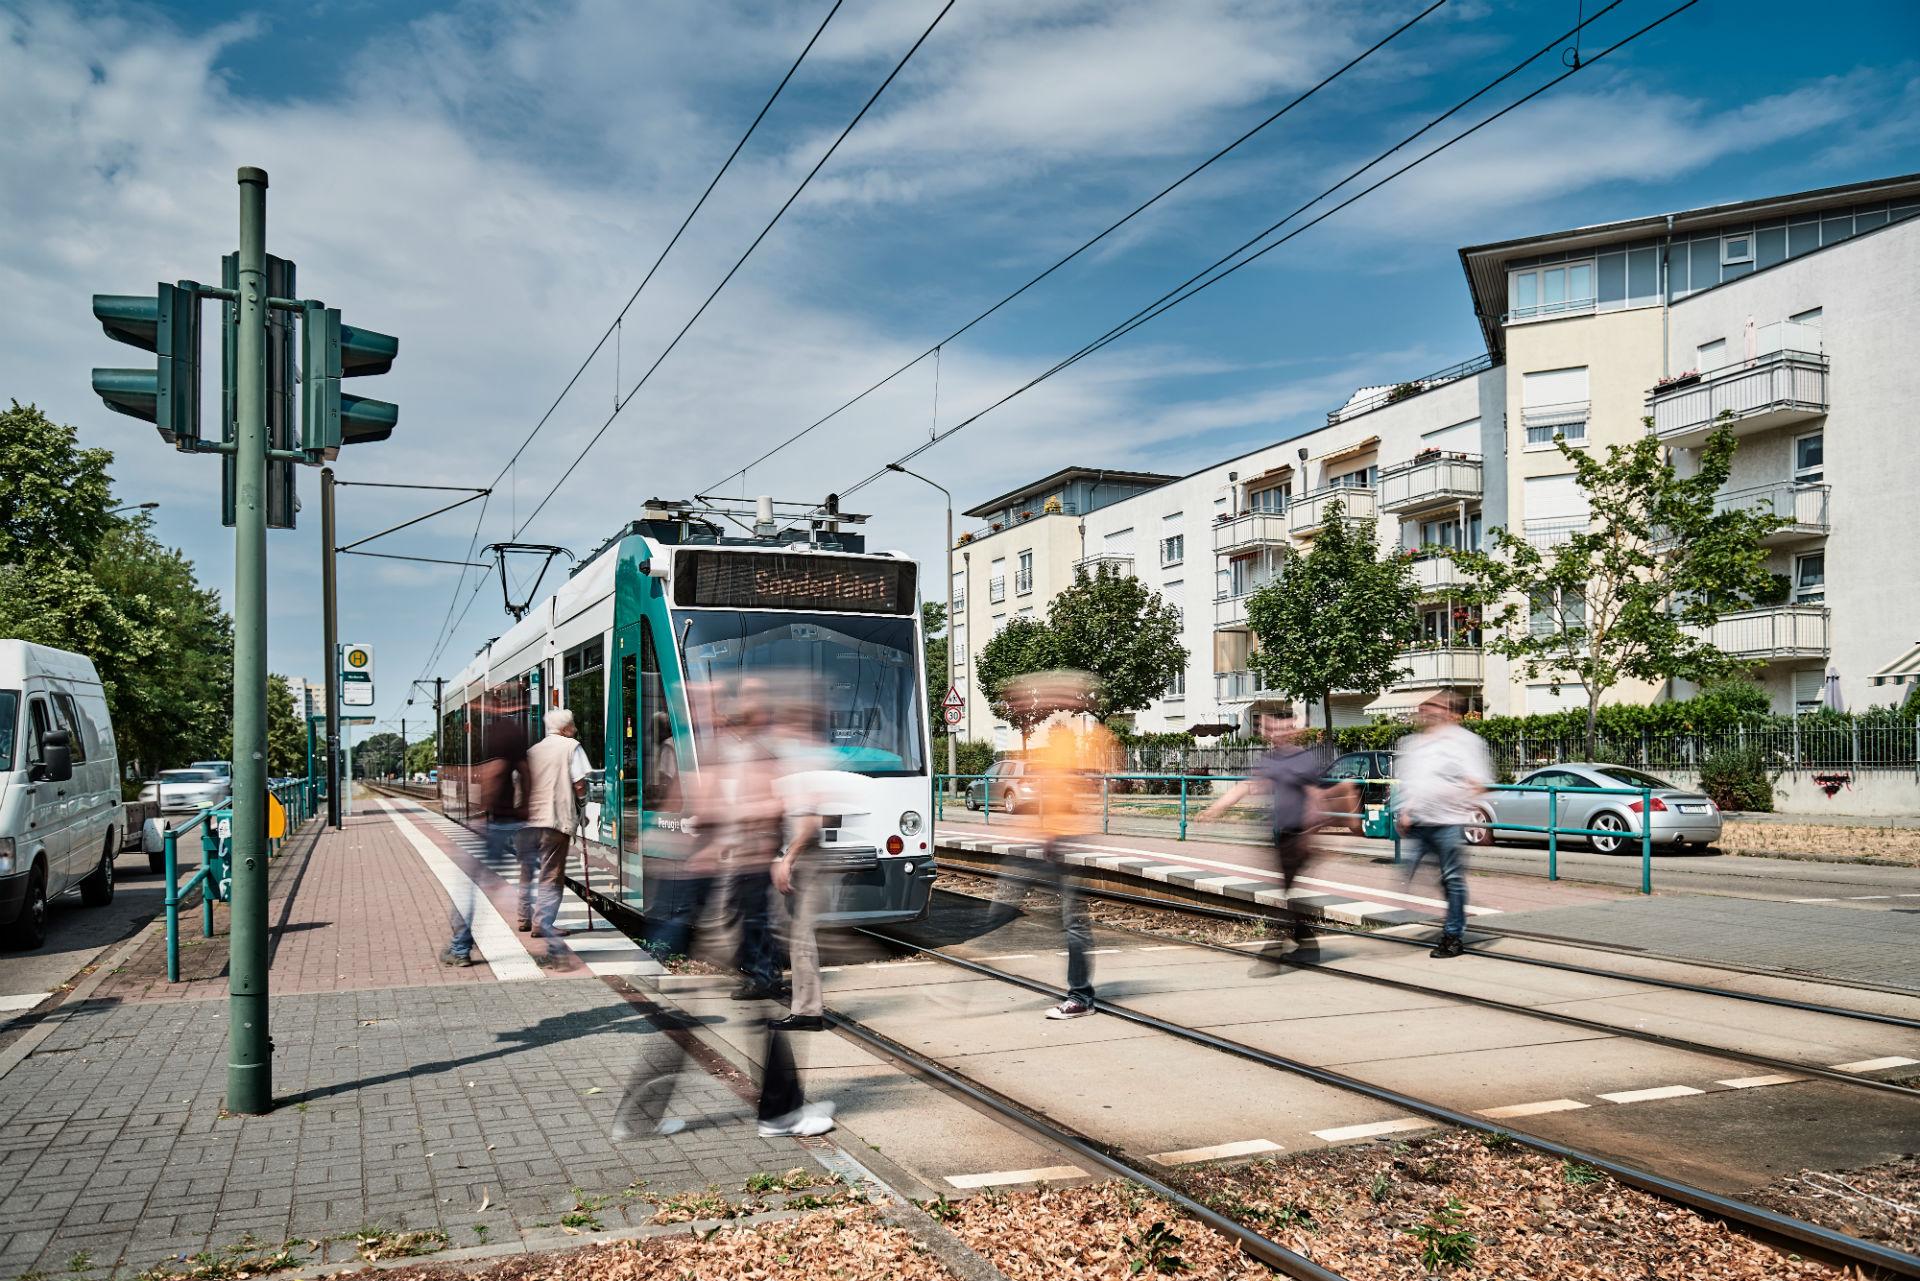 Världens första självkörande spårvagn rullar nu i Tyskland